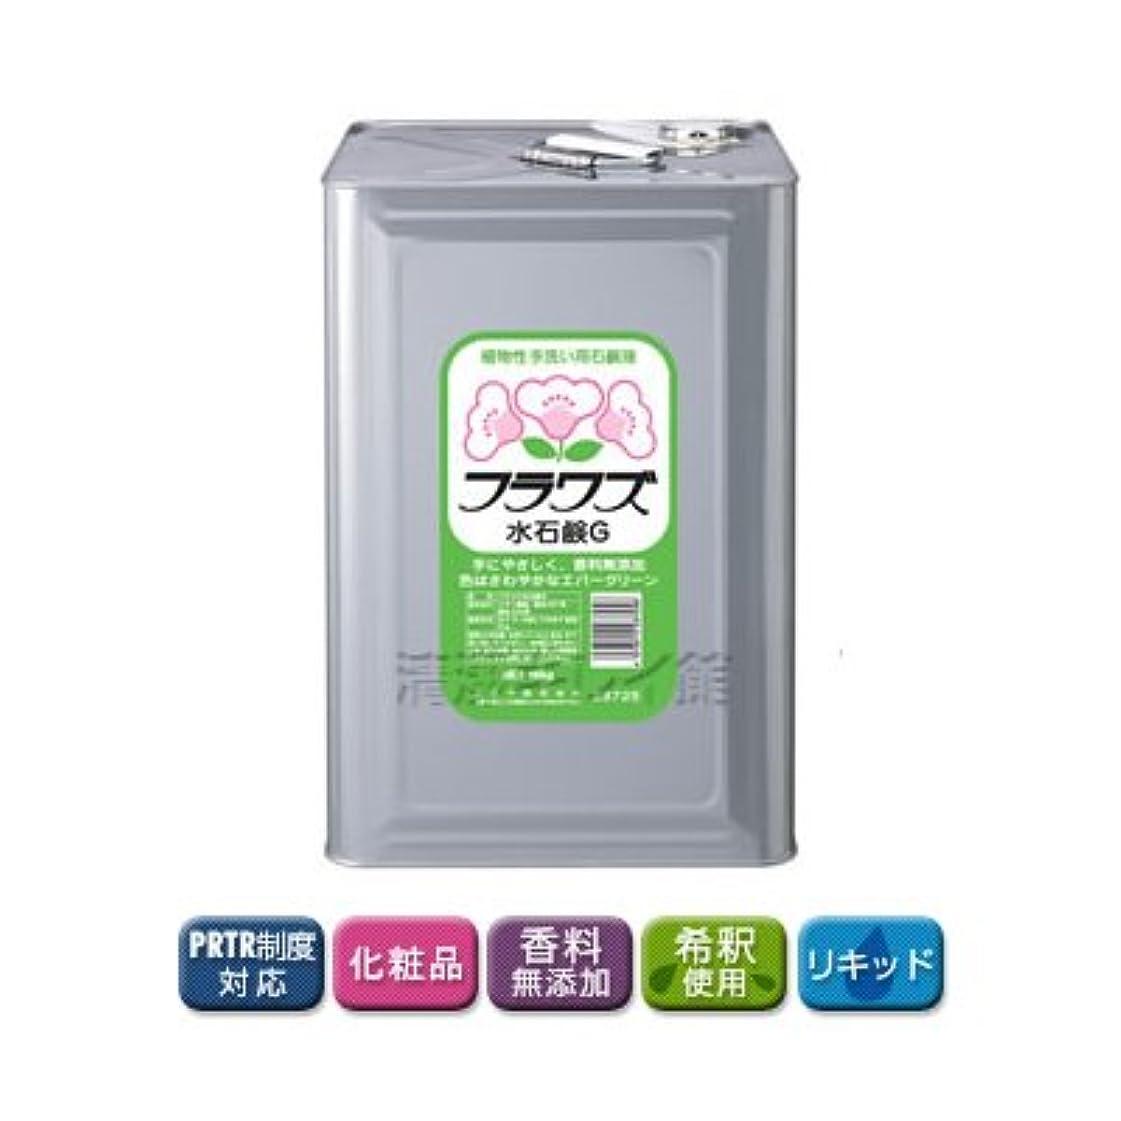 器具バタフライシェフ【清潔キレイ館】サラヤ フラワズ水石鹸液G(18L)